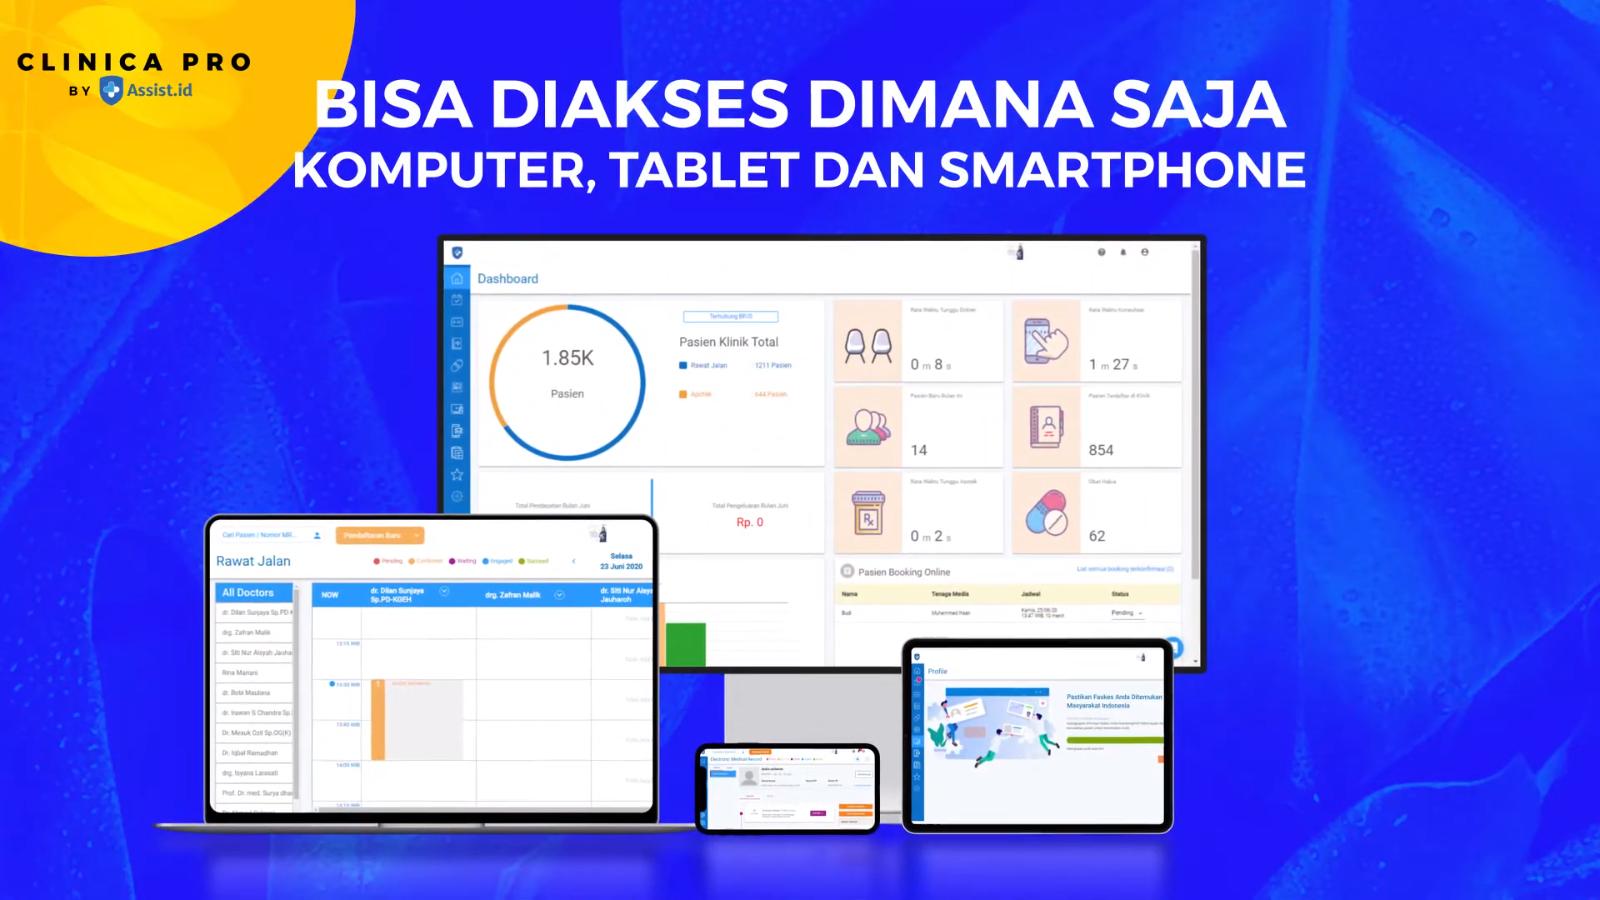 Sistem Aplikasi Assist Id Bisa Diakses Dimana Saja Aplikasi Coding Tablet